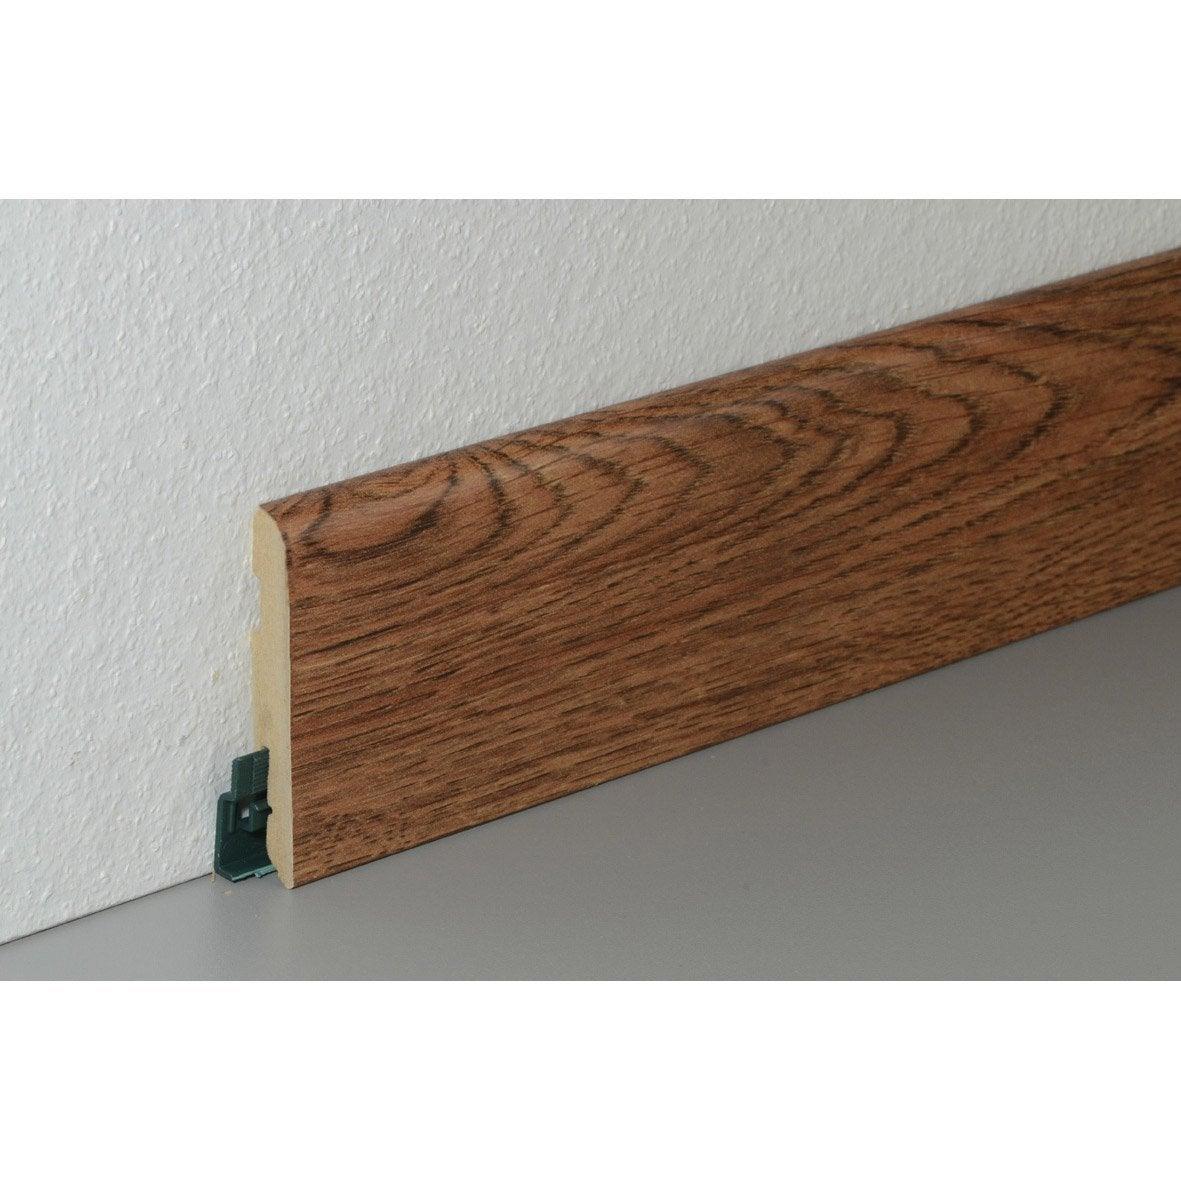 plinthe pour sol stratifi d cor merbau pont de bateau 220 cm x 78 mm x 14 mm leroy merlin. Black Bedroom Furniture Sets. Home Design Ideas